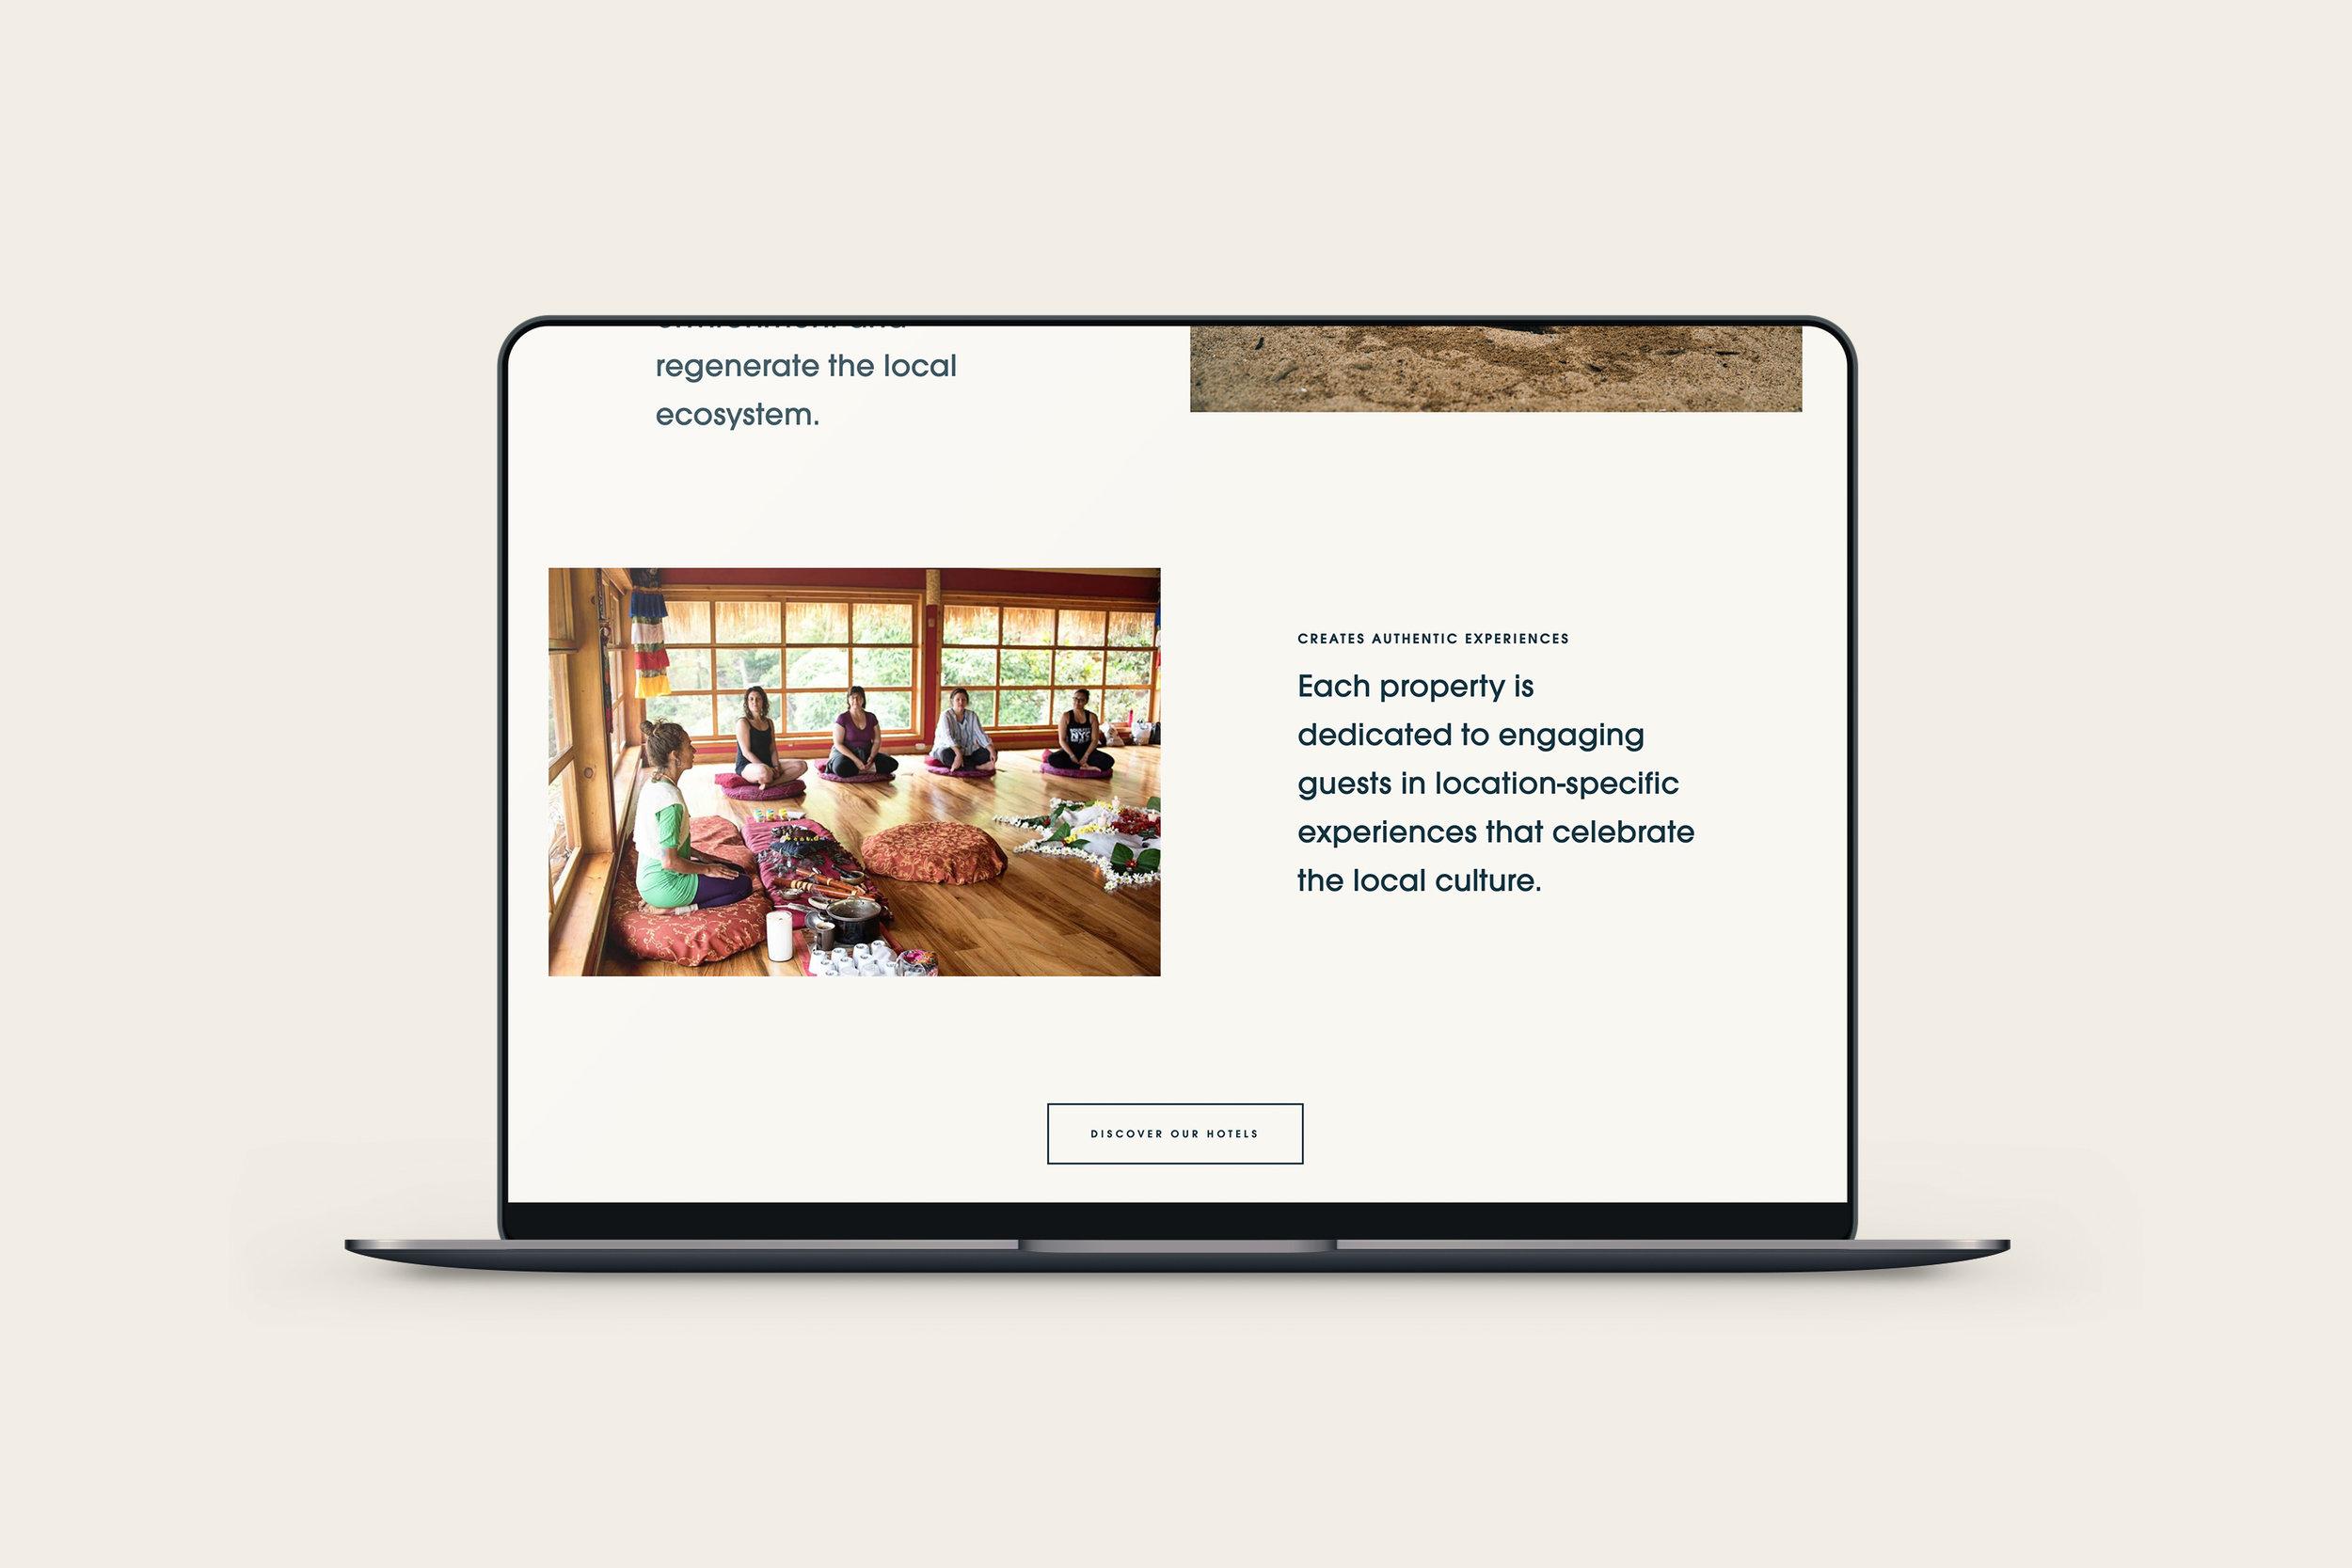 Macbook-Pro-02.jpg